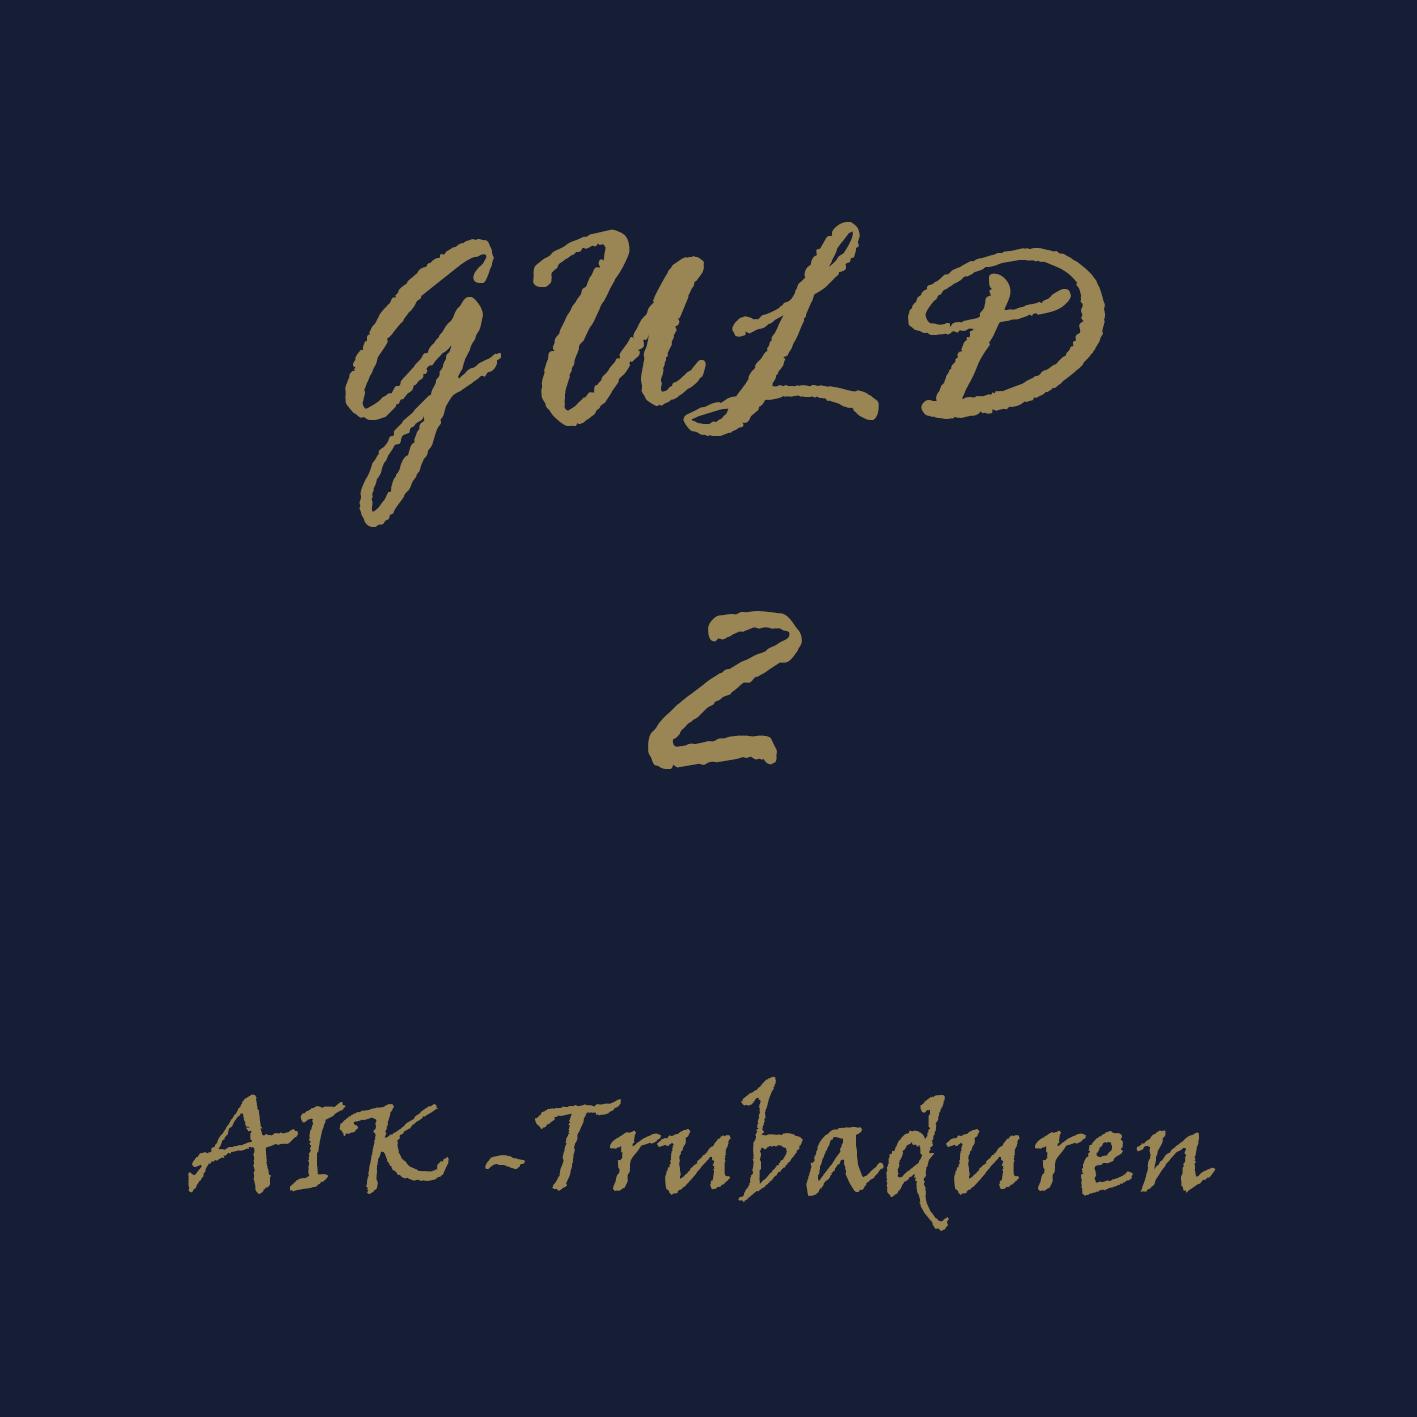 Guld 2